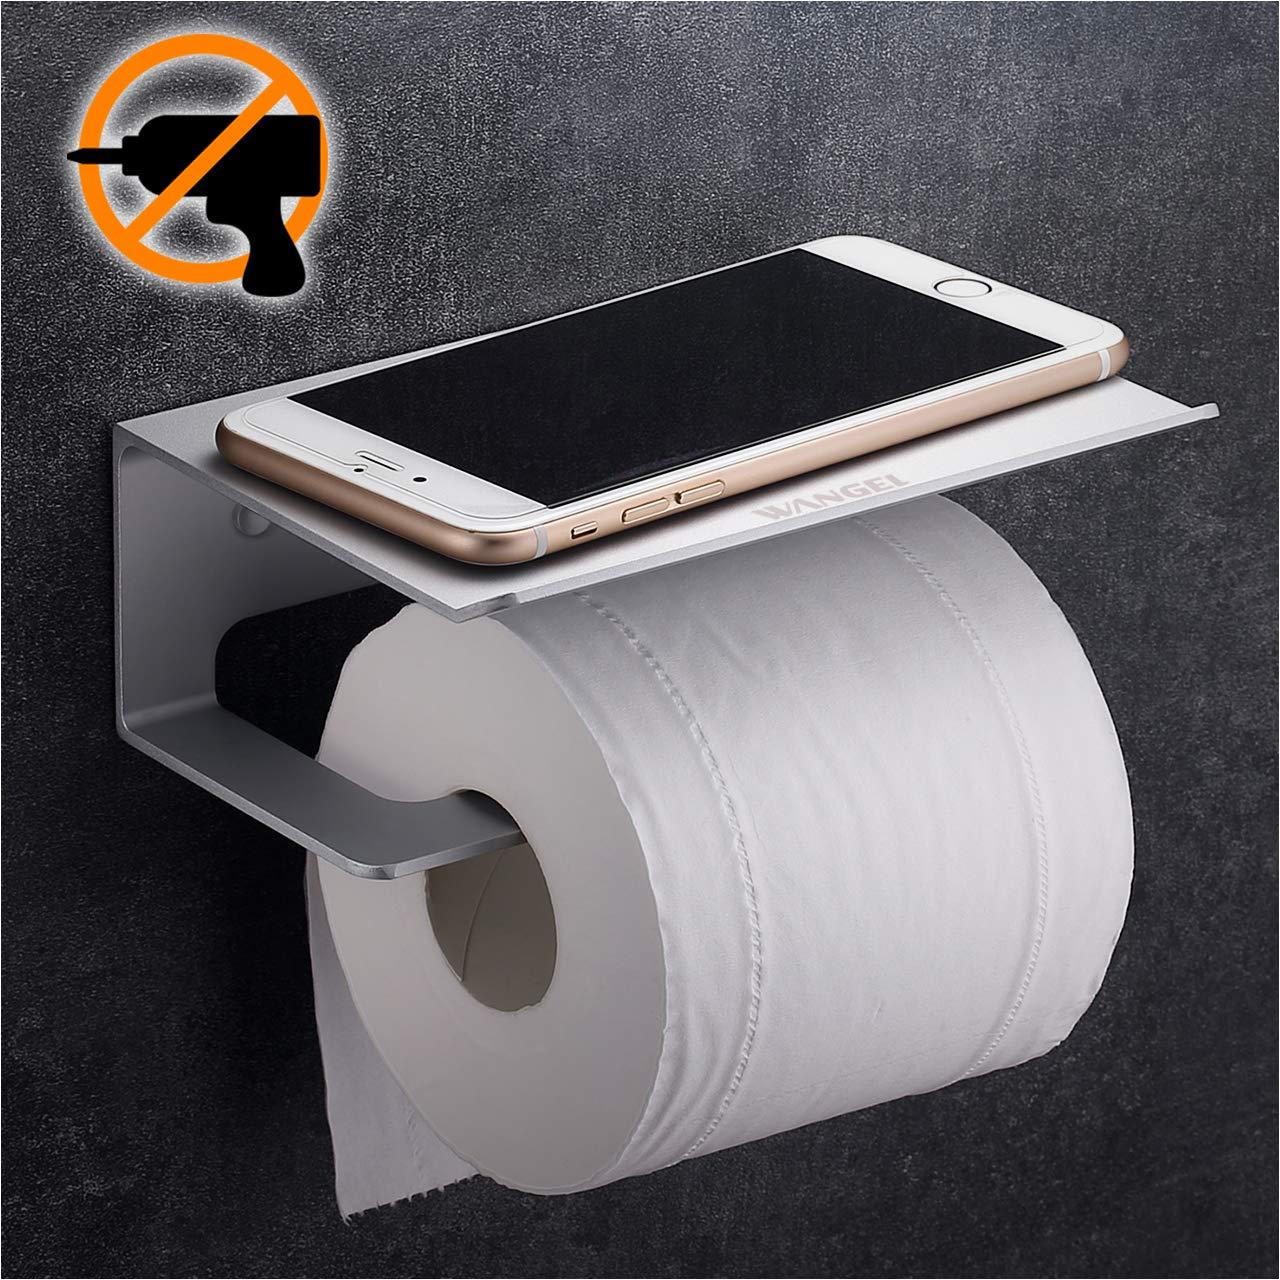 Wangel Toilettenpapierhalter mit Regal fü r Mobiltelefon, ohne Bohren, Patentierter Kleber + Klebestreifen, Aluminum, Matte Finish